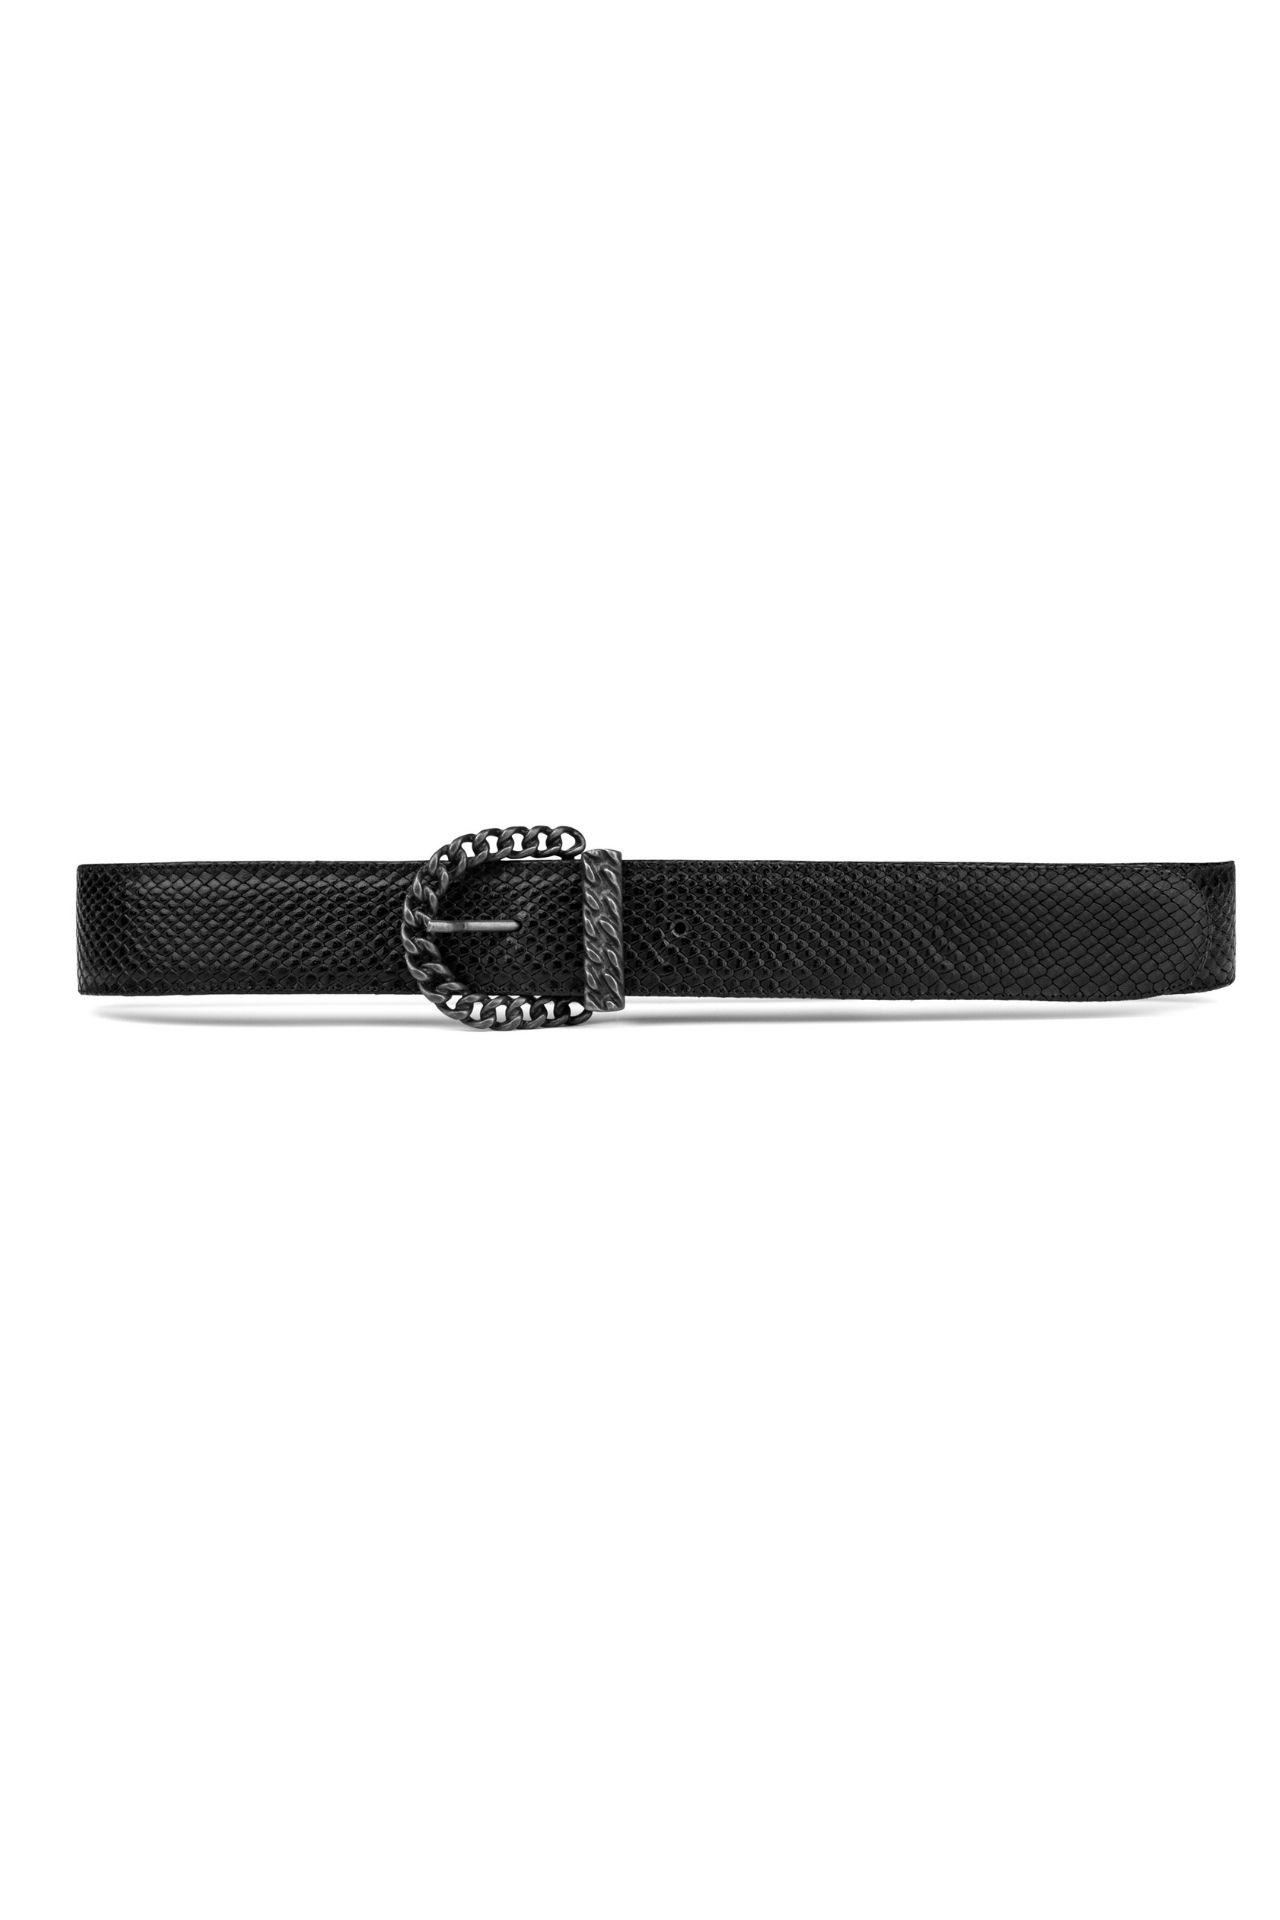 El tono cinnamon del estampado phyton, los detalles en negro y la hebilla oscura mate, convierten este cinturón en el complemento más deseado.  Largo:1MT- 2MT